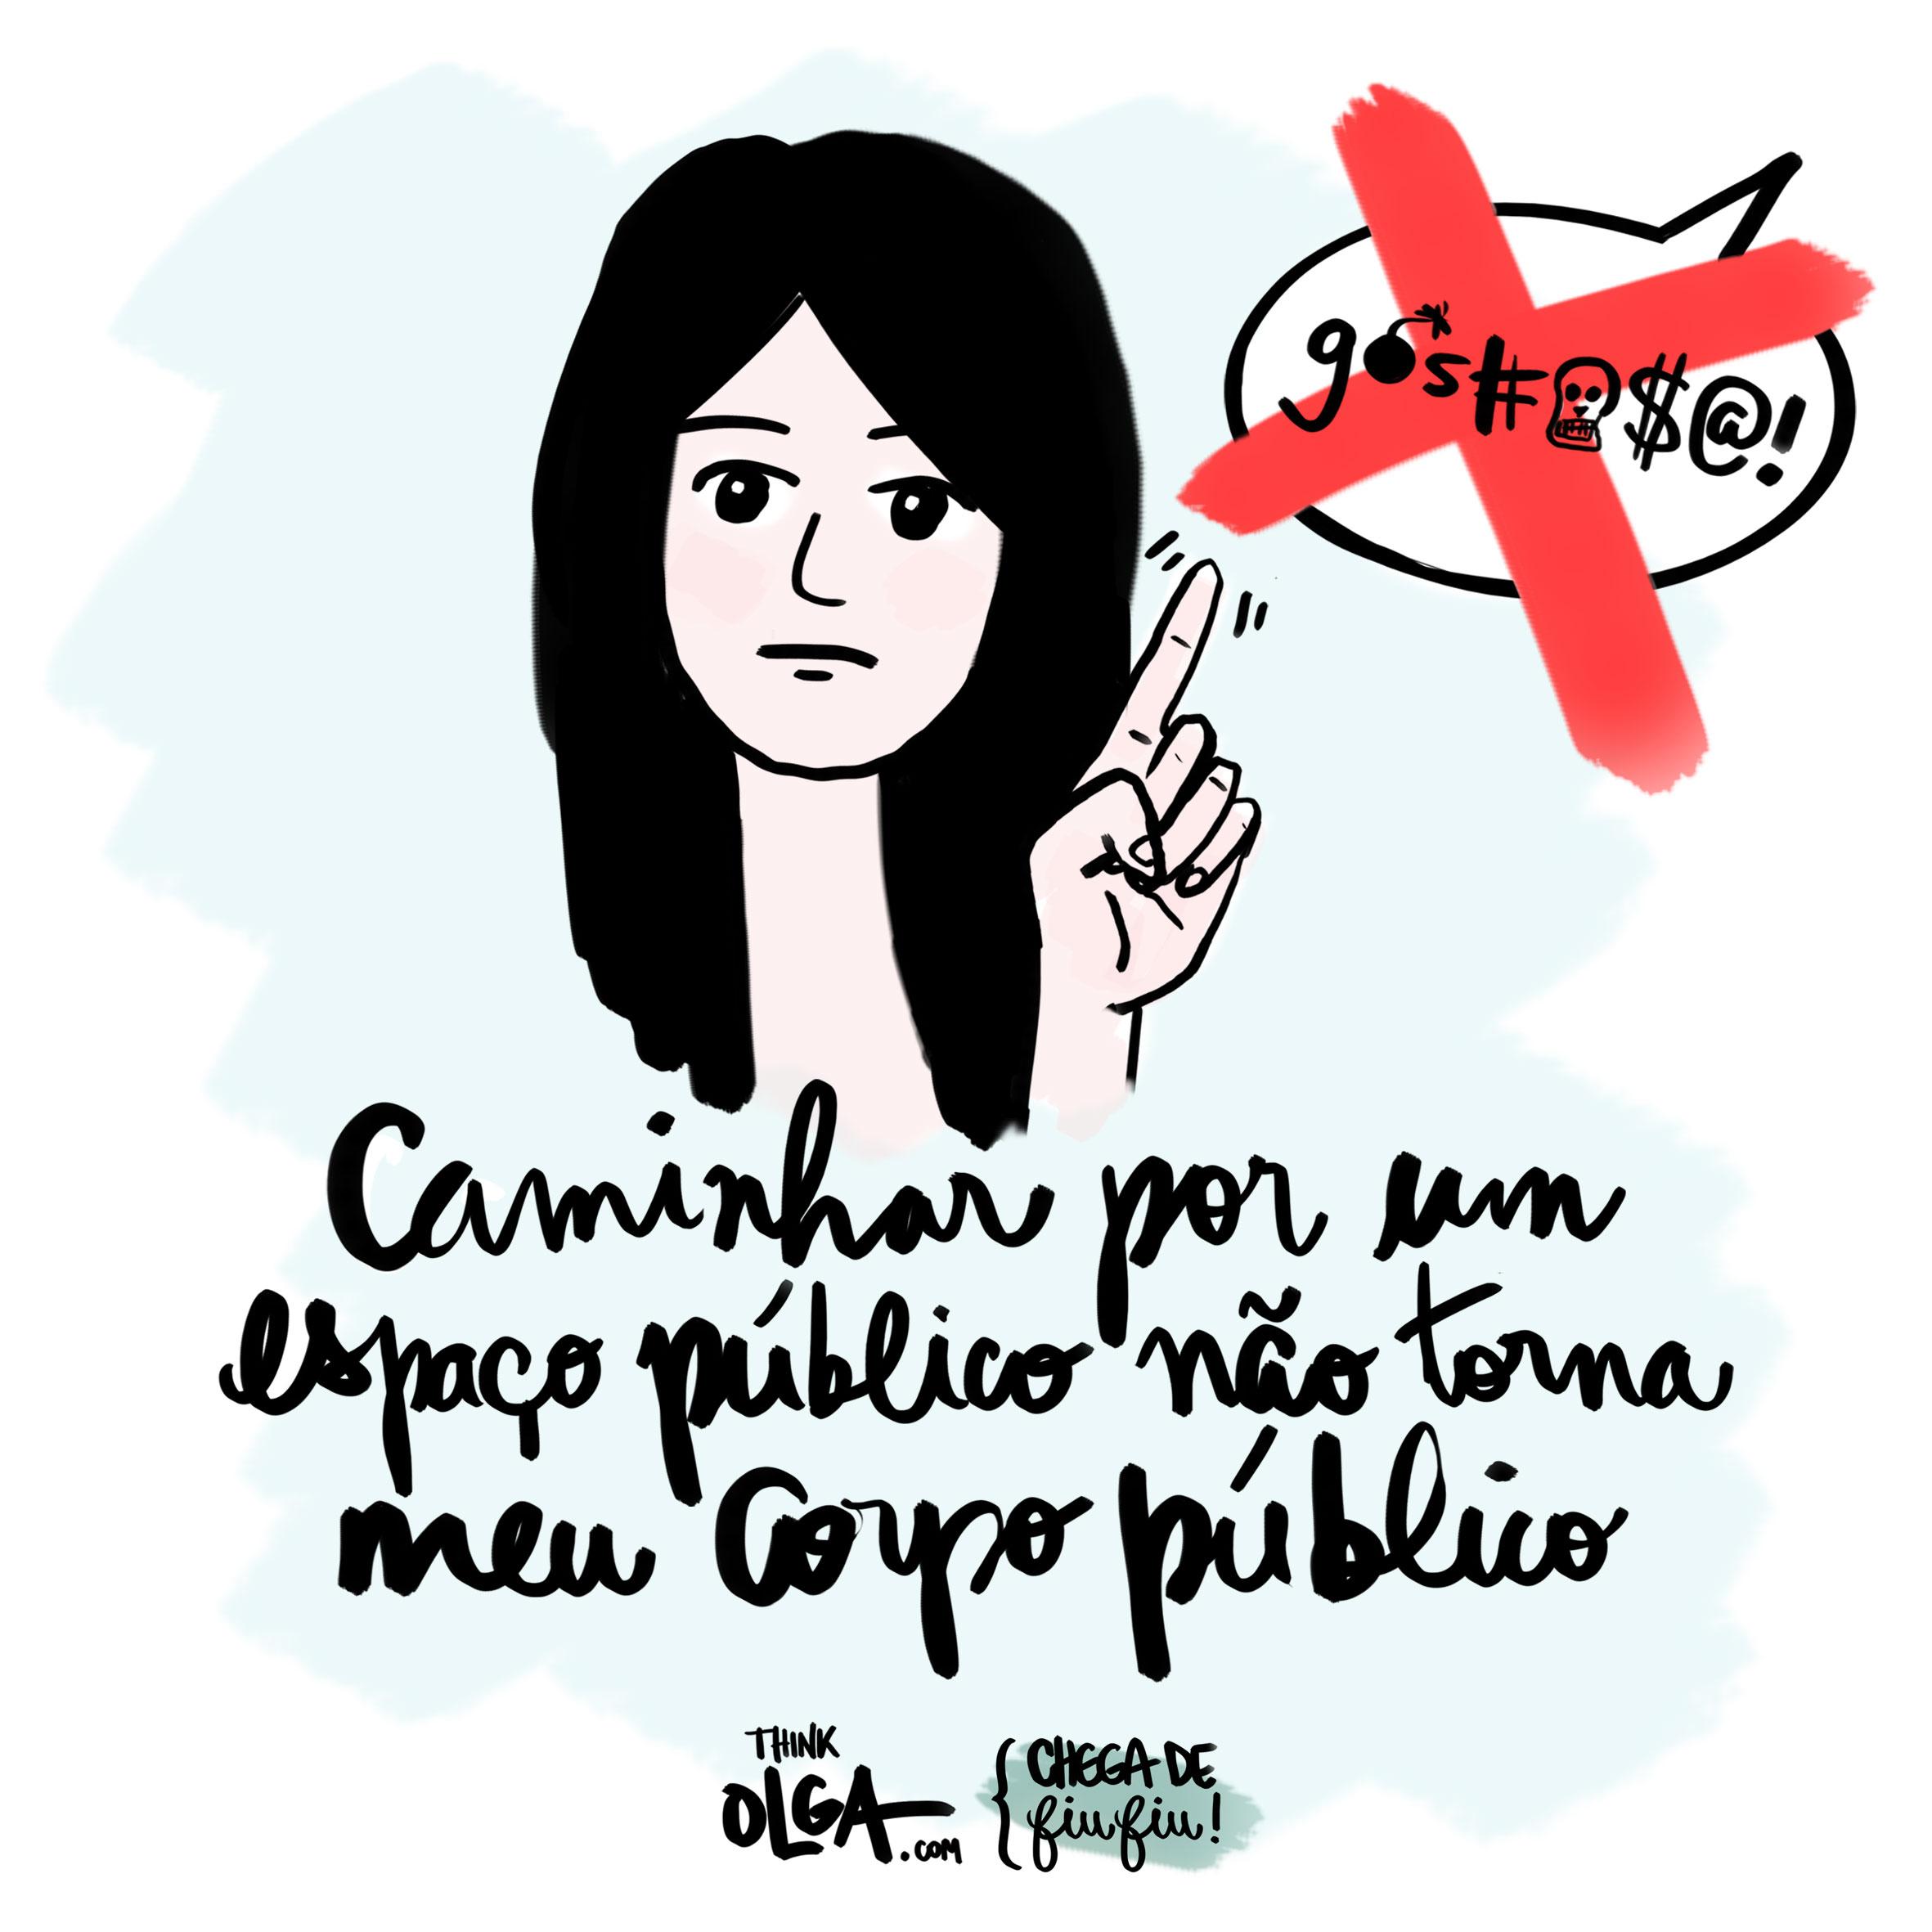 #chegadefiufiu